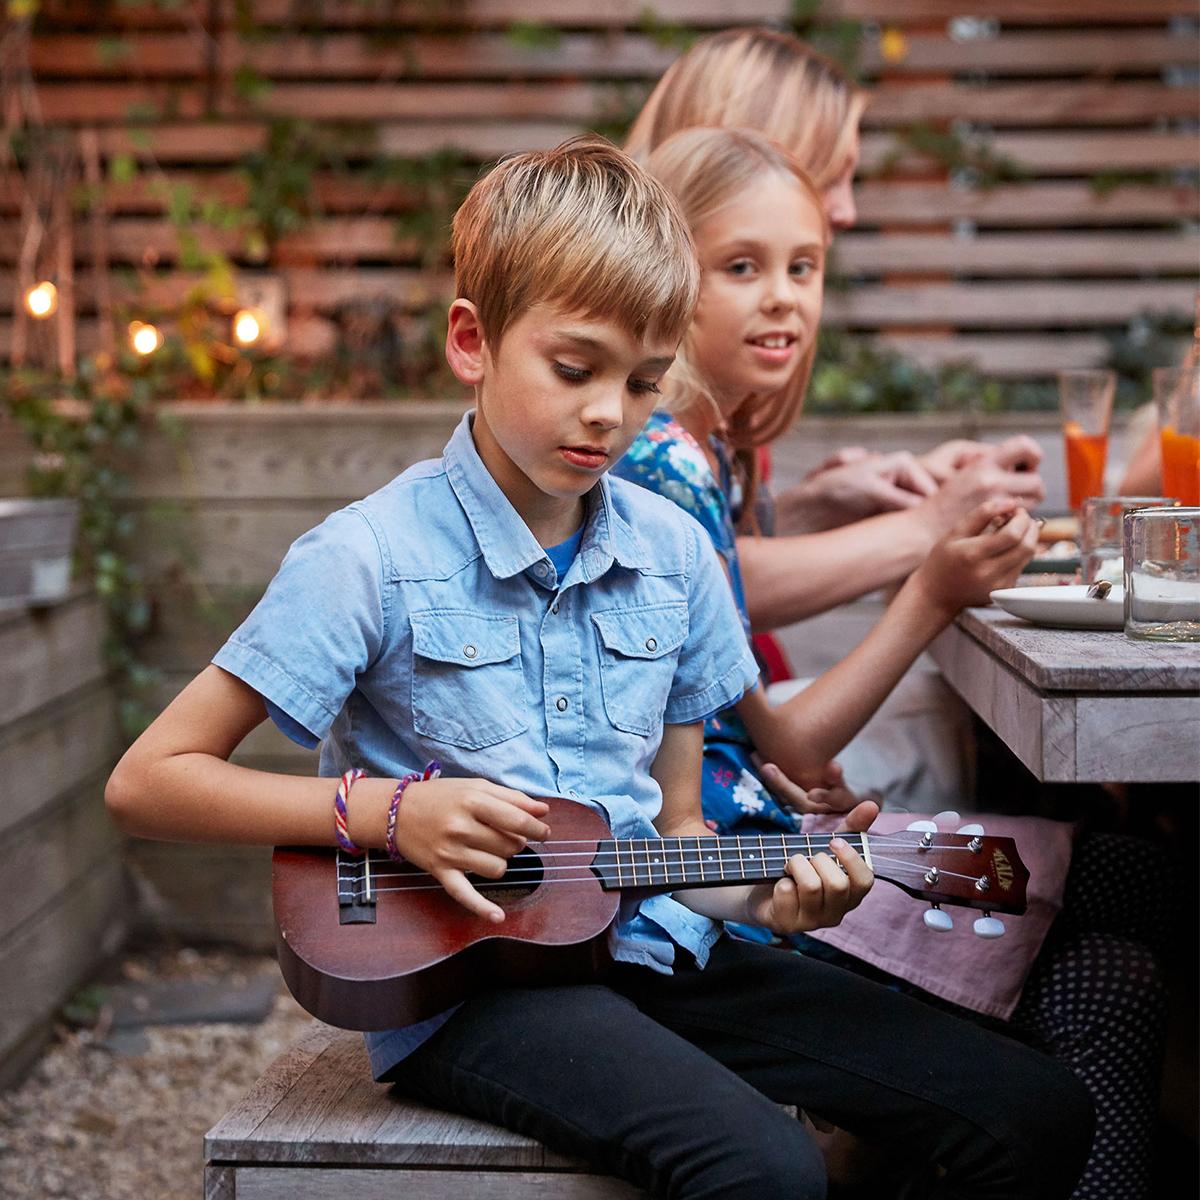 boy playing ukulele summer party